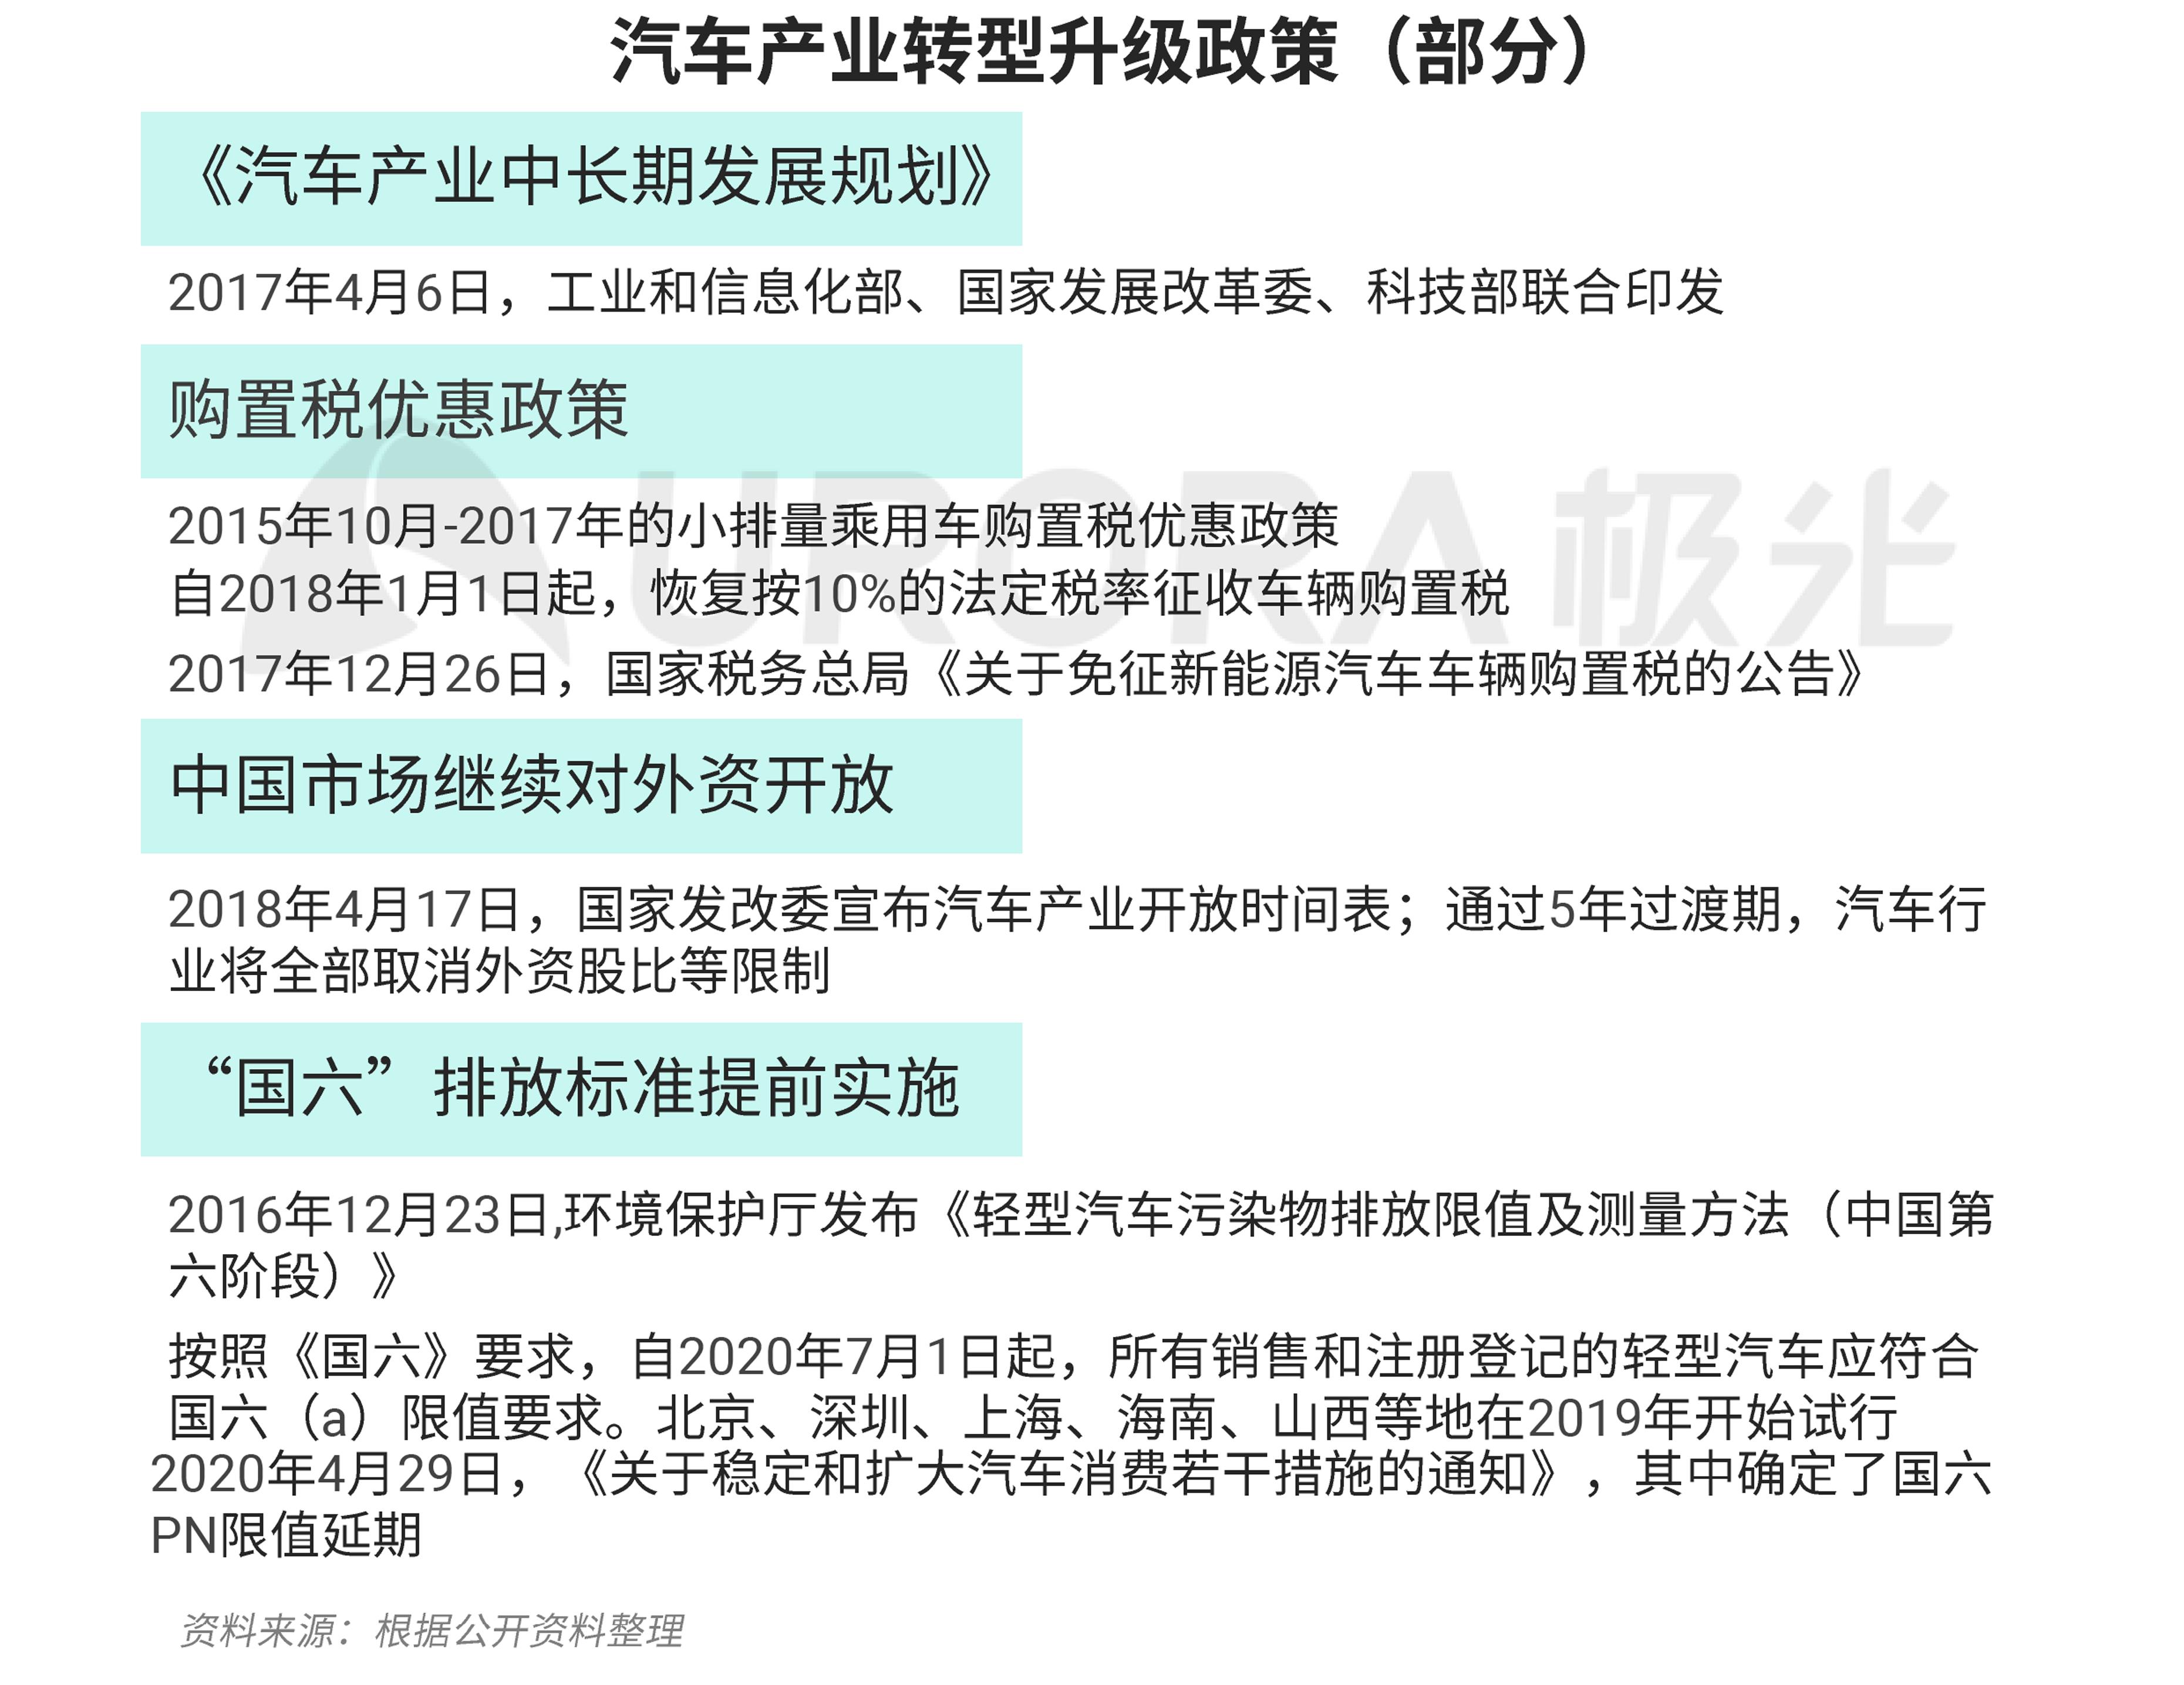 极光:汽车产业新格局 (9).png